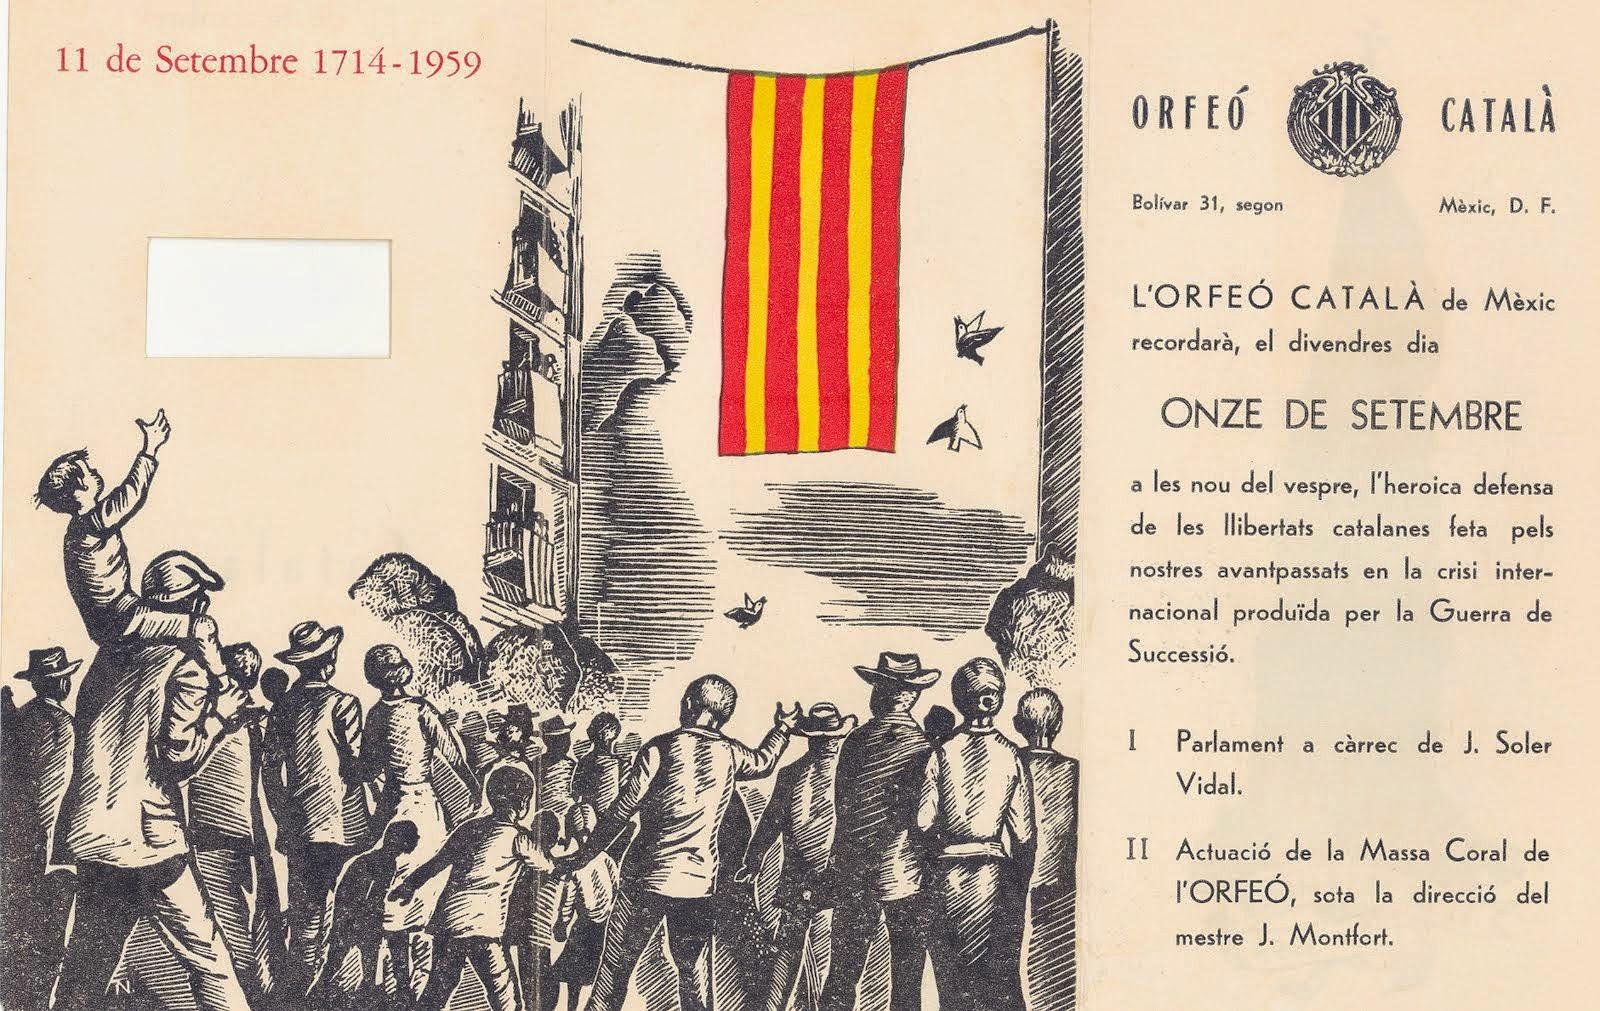 Conmemoració 11 de setembre 1959